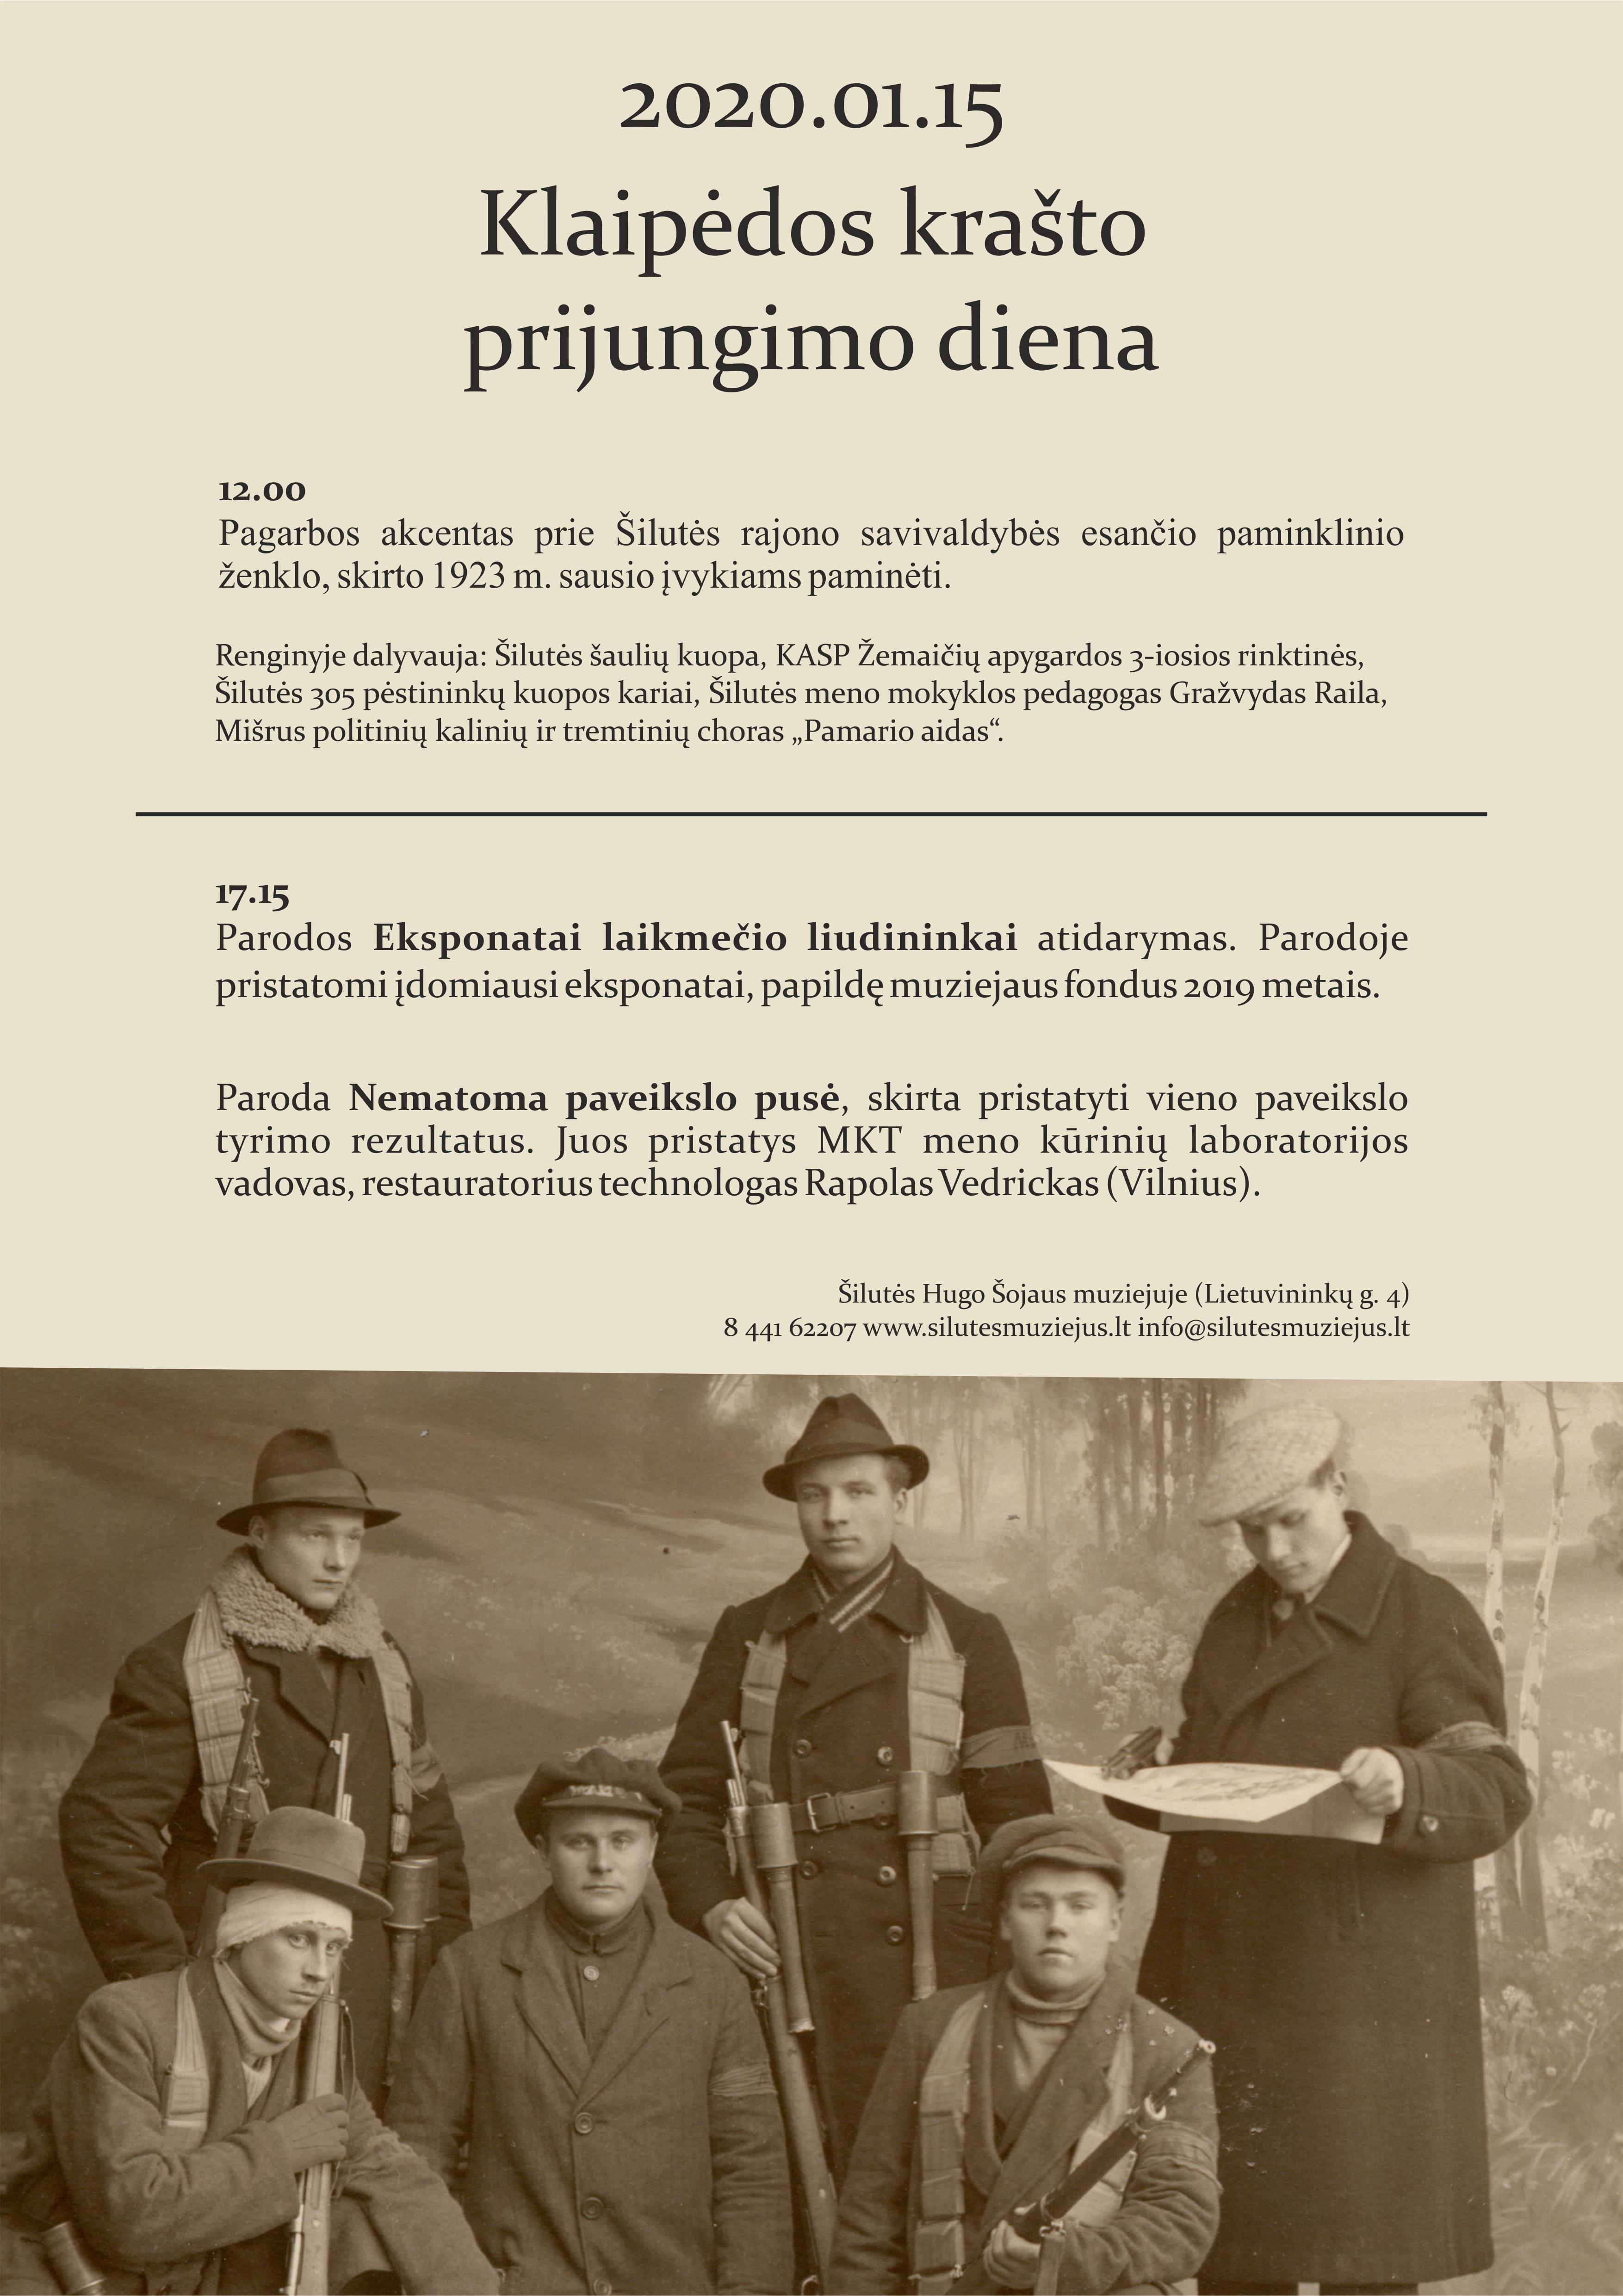 Minėsime Klaipėdos krašto prisijungimo dieną